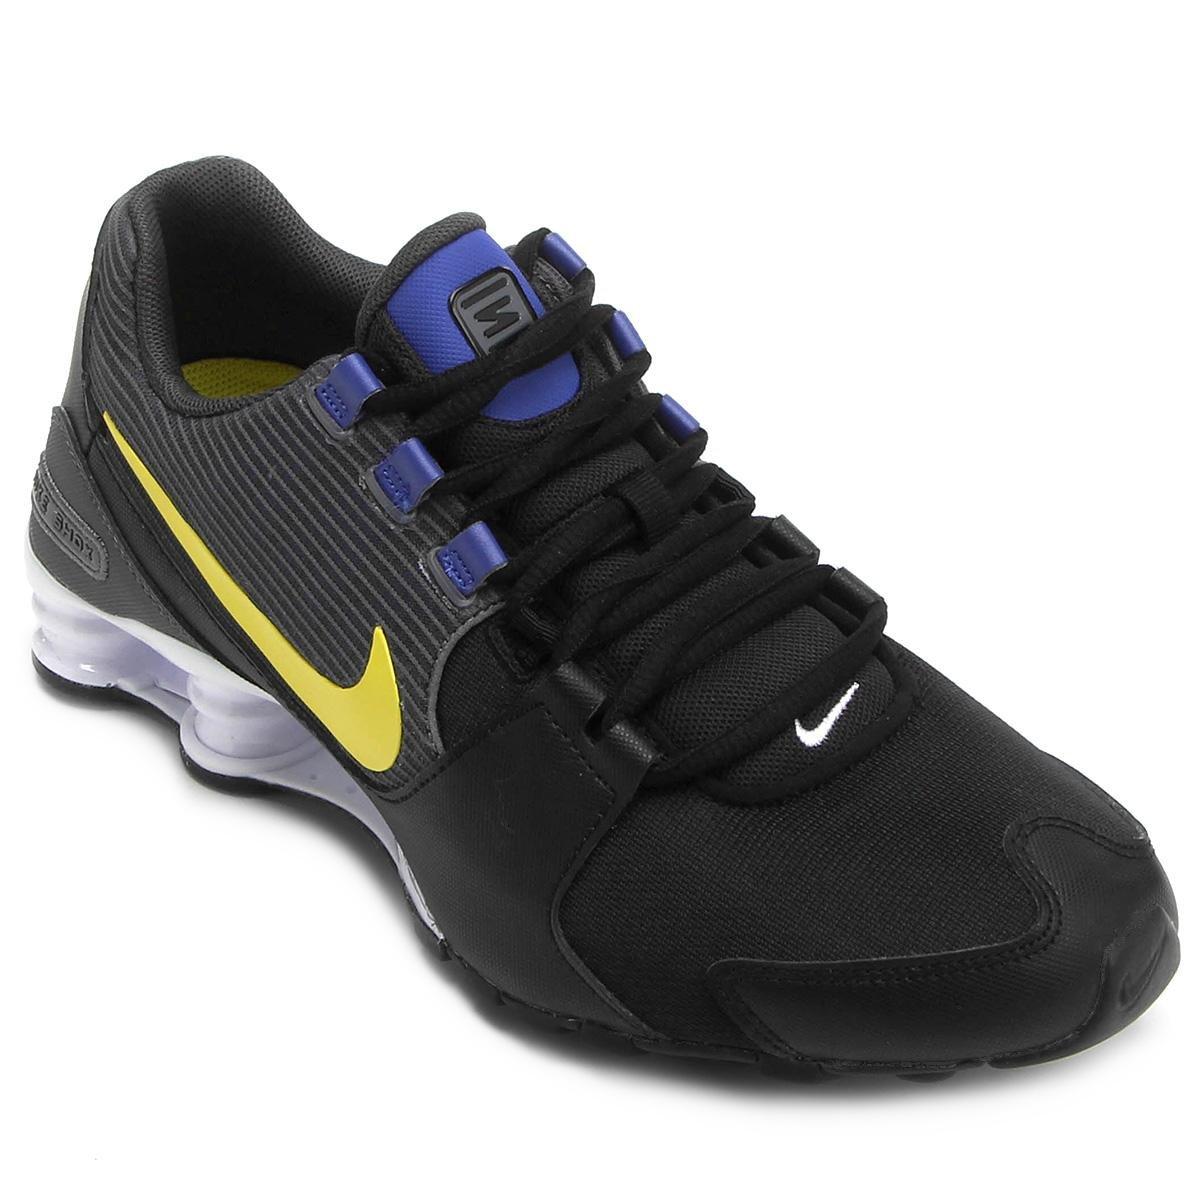 1d8d36bfaf Tênis Nike Shox Avenue Masculino - Preto e Azul   Shop Timão